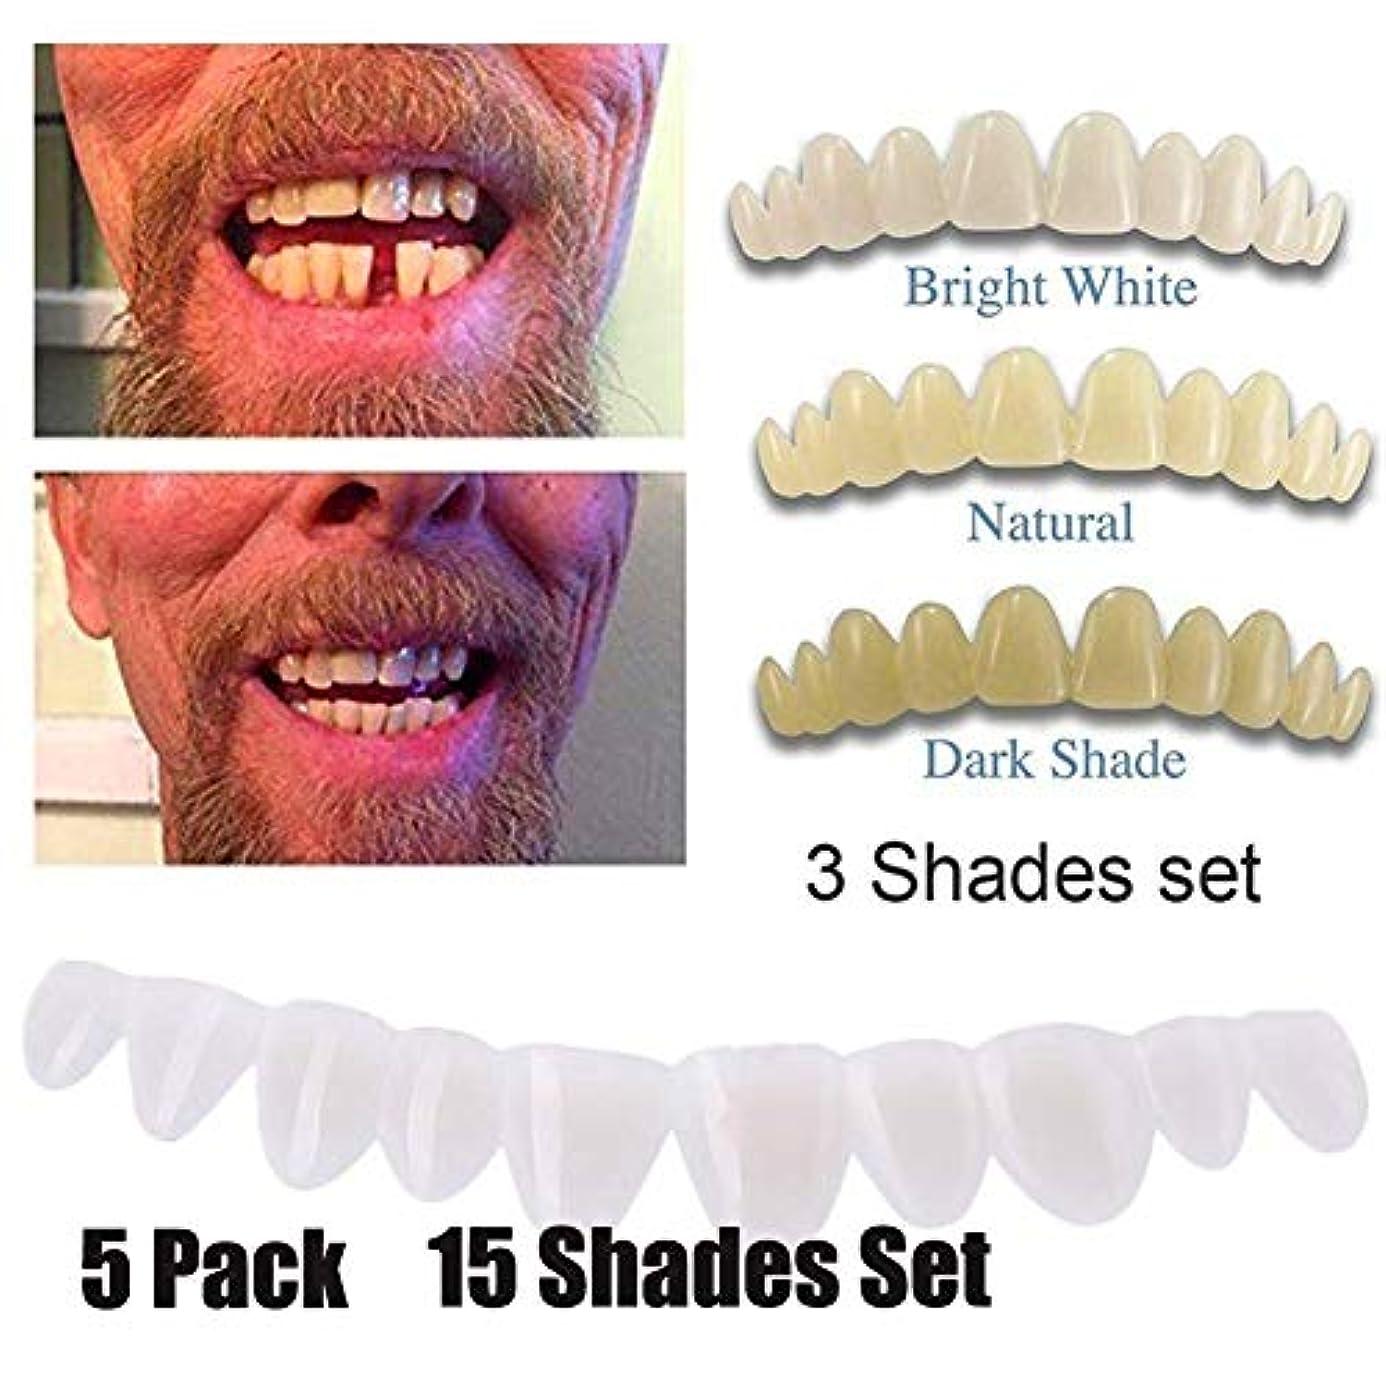 反対した開拓者アシスタント5パックインスタントスマイルテンポラリートゥースキット3色付き欠けているか壊れている歯の修正が数分以内にあなたの笑顔を直します